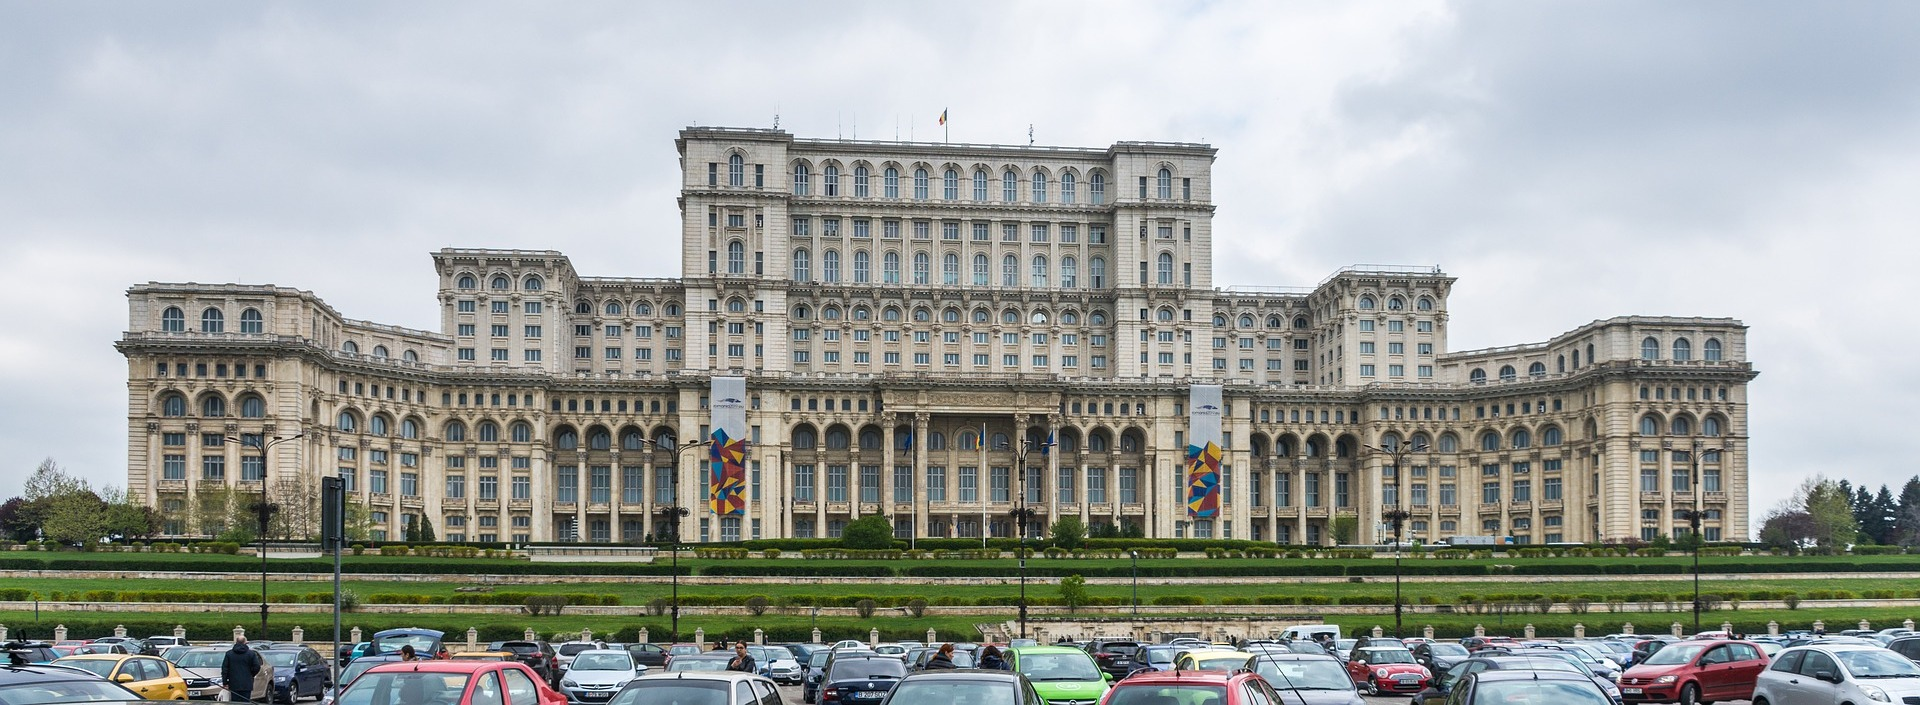 Autotransport Rumänien Fahrzeugtransport